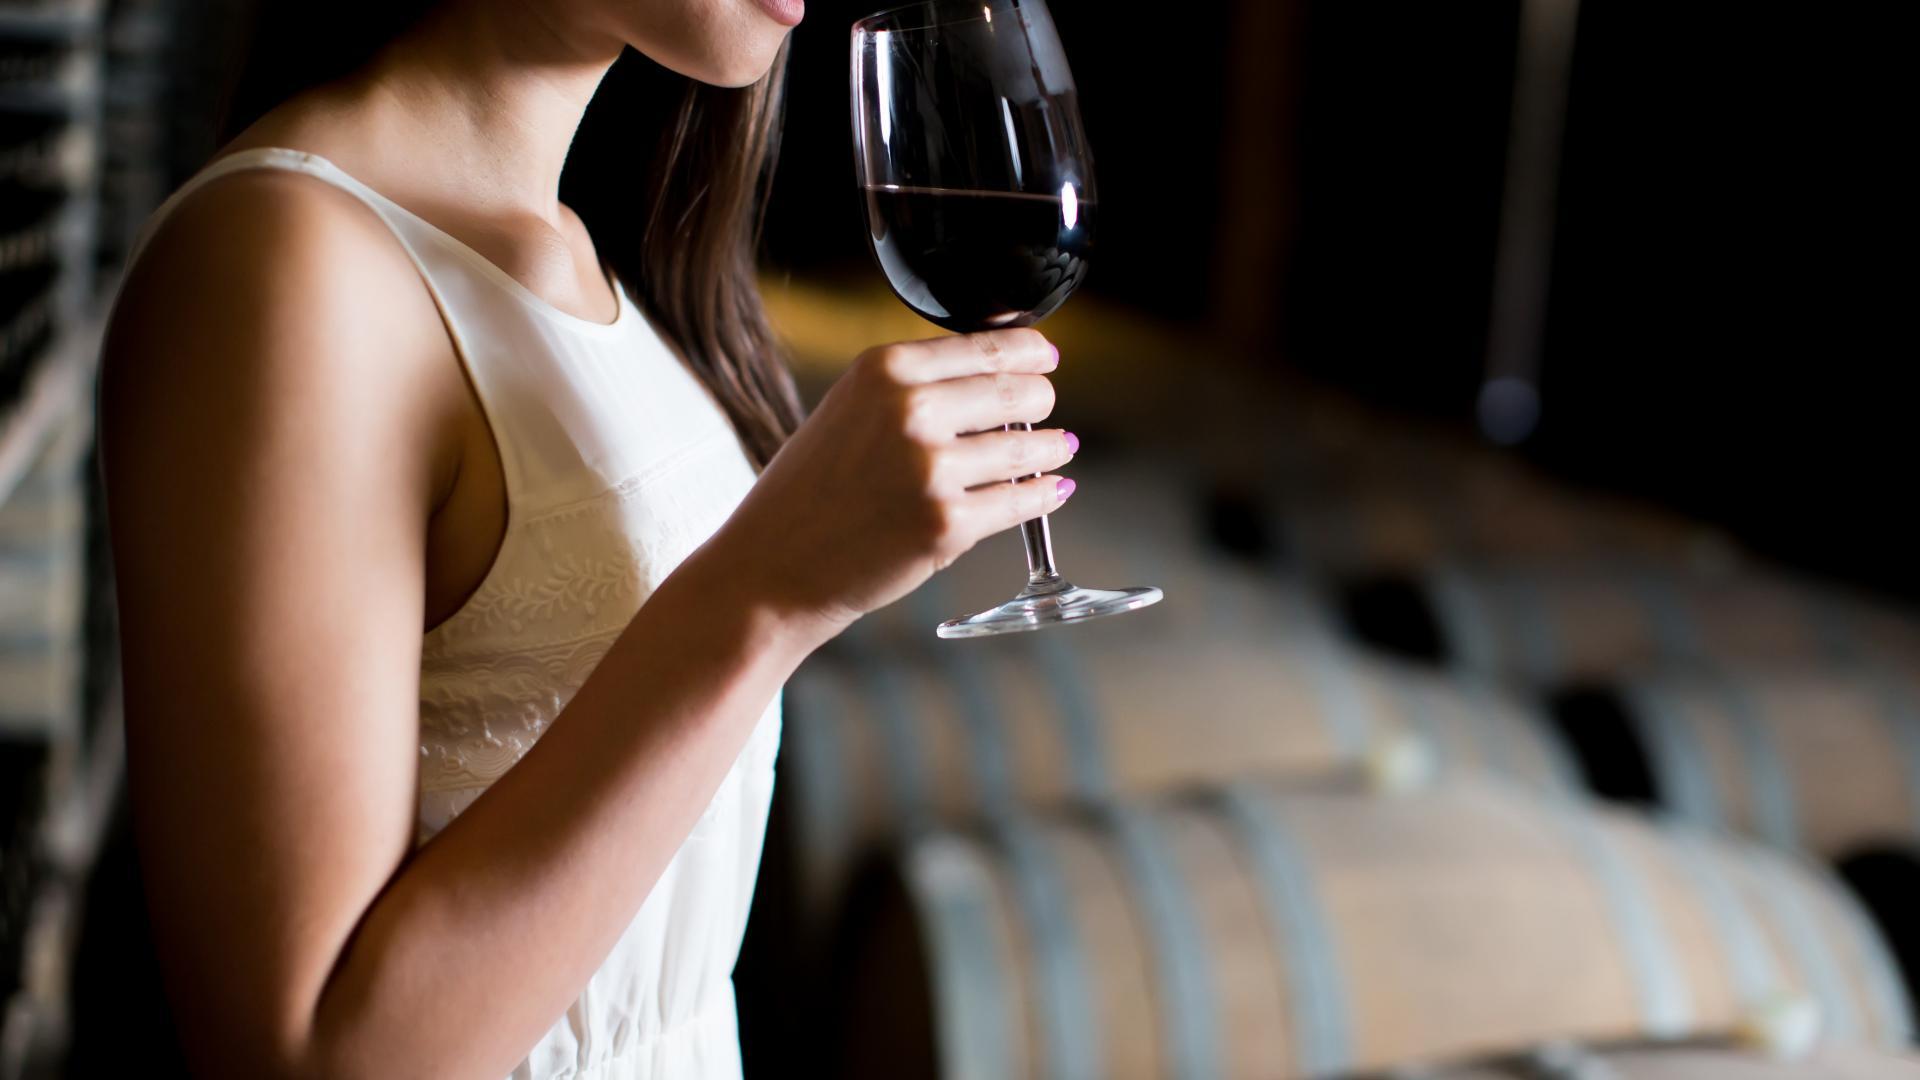 Wein Frau, Weinglas in der Hand, Rotwein